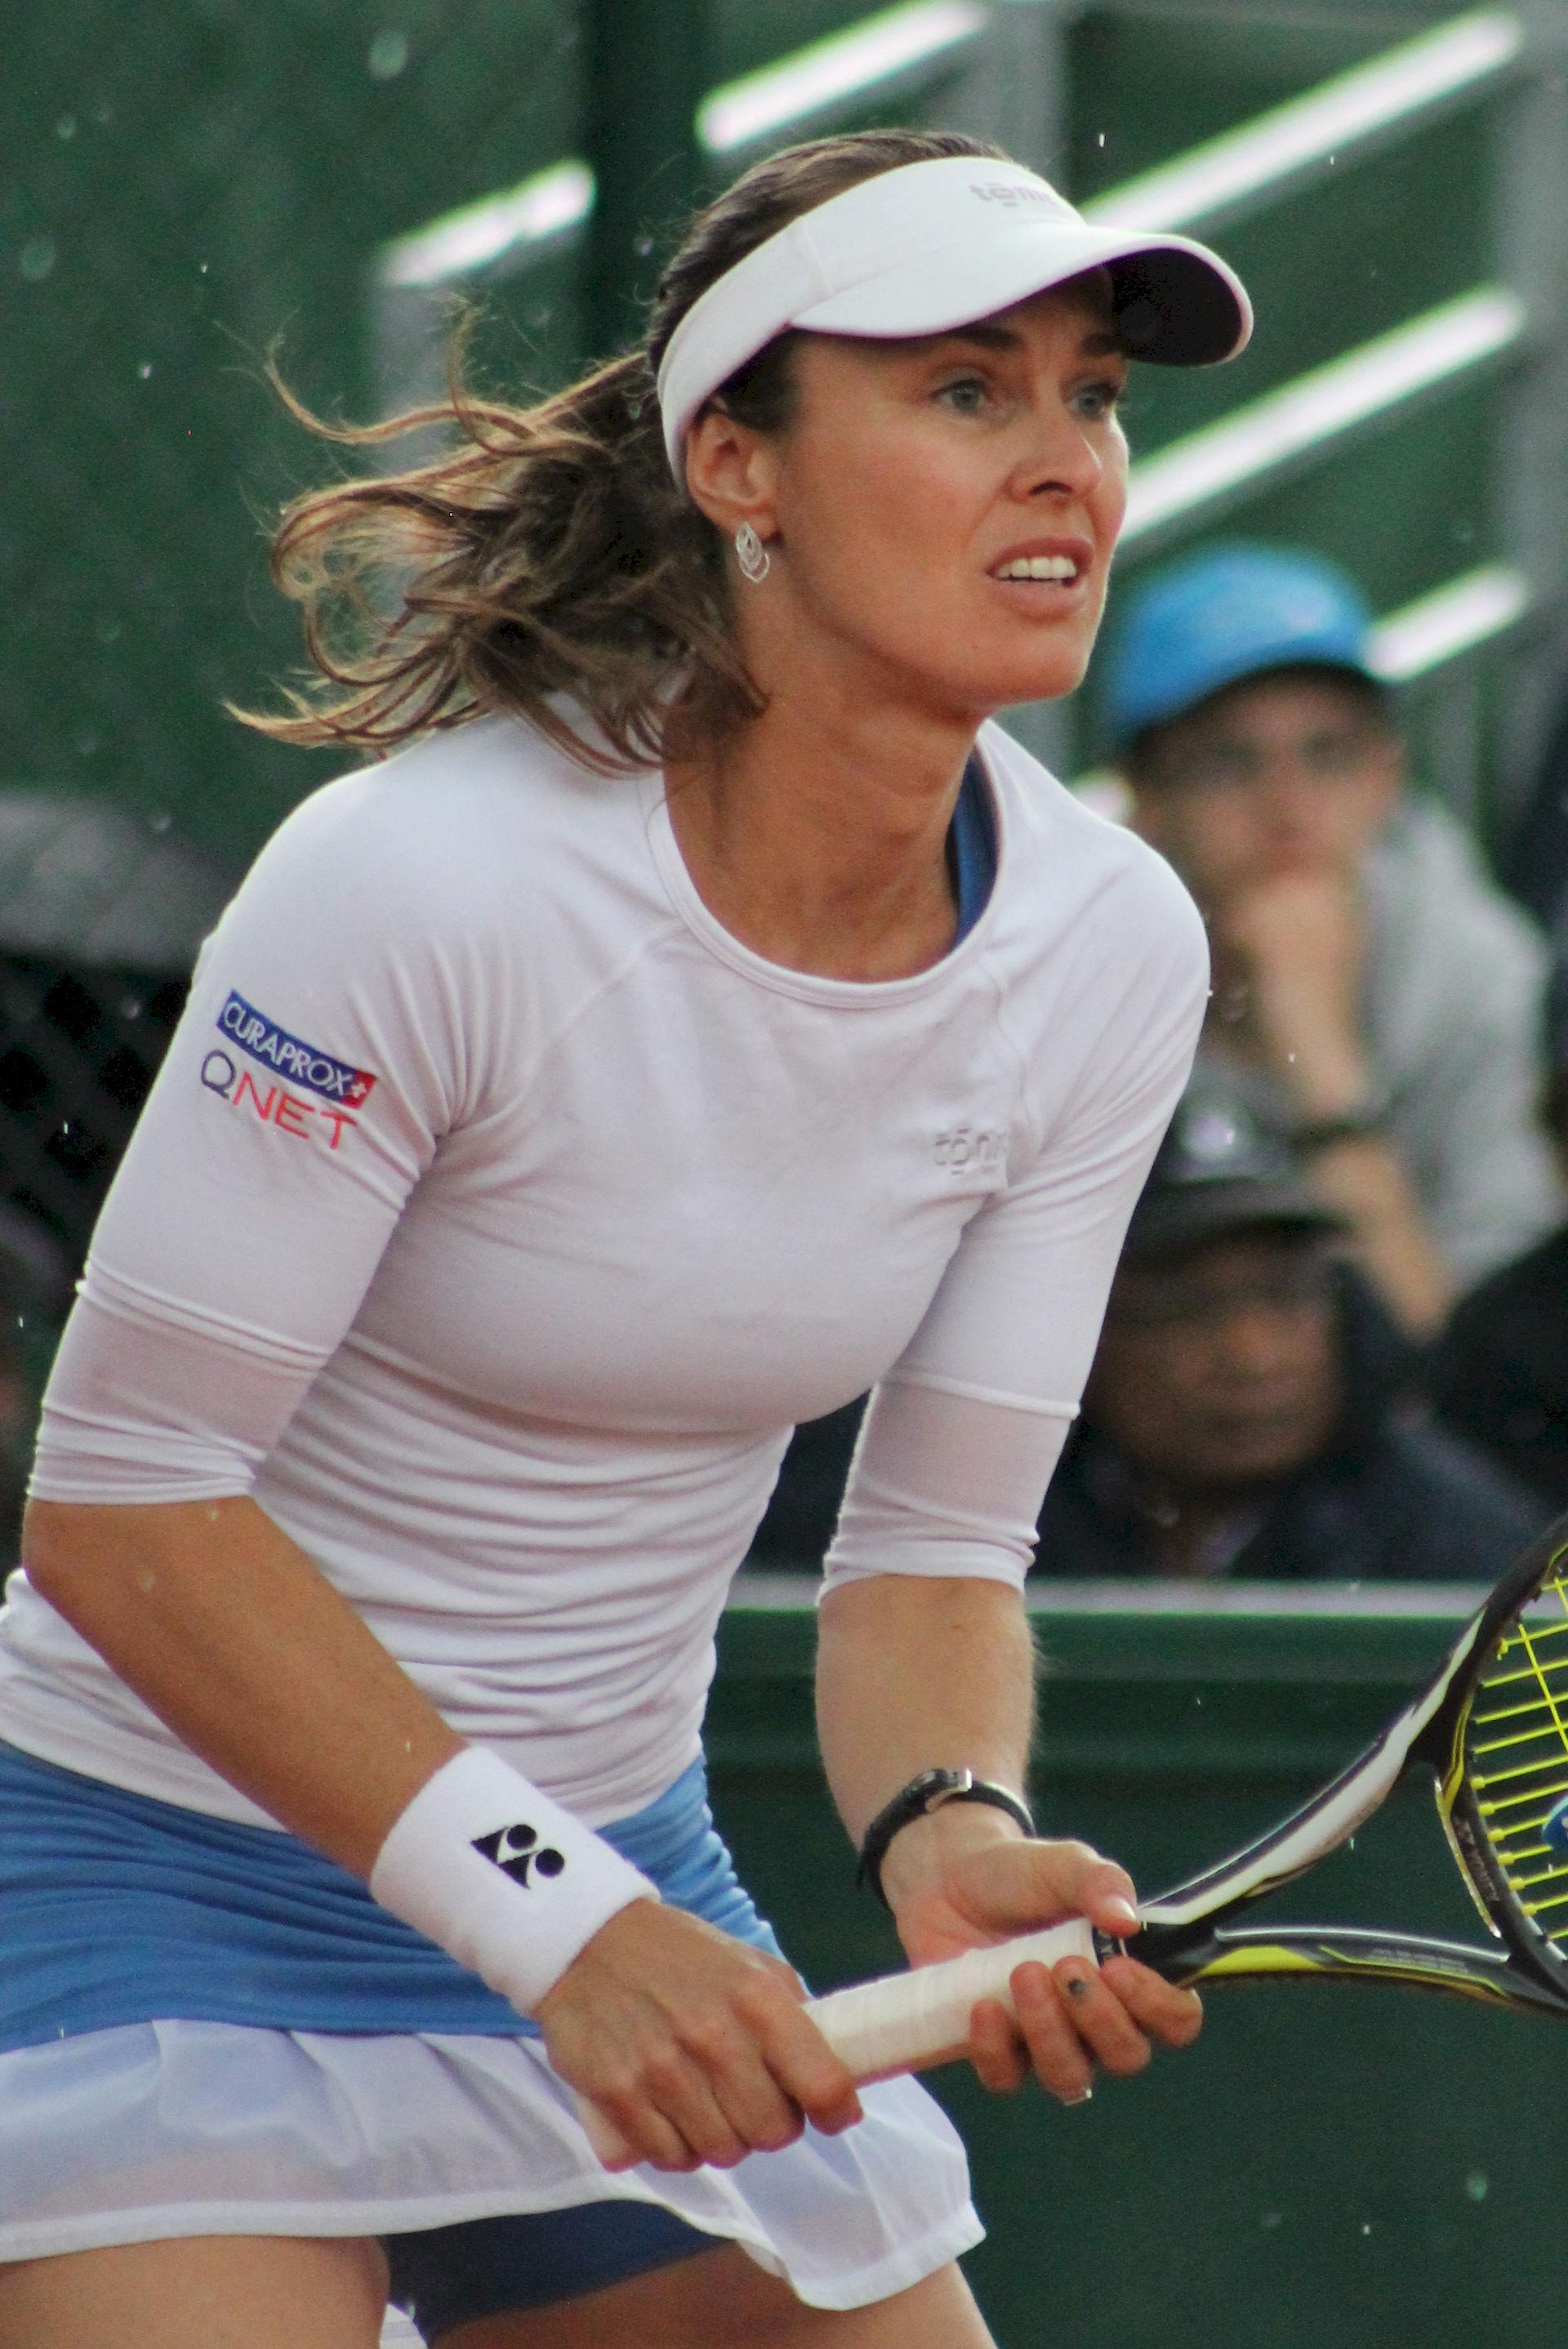 Photo of Martina Hingis: Swiss tennis player